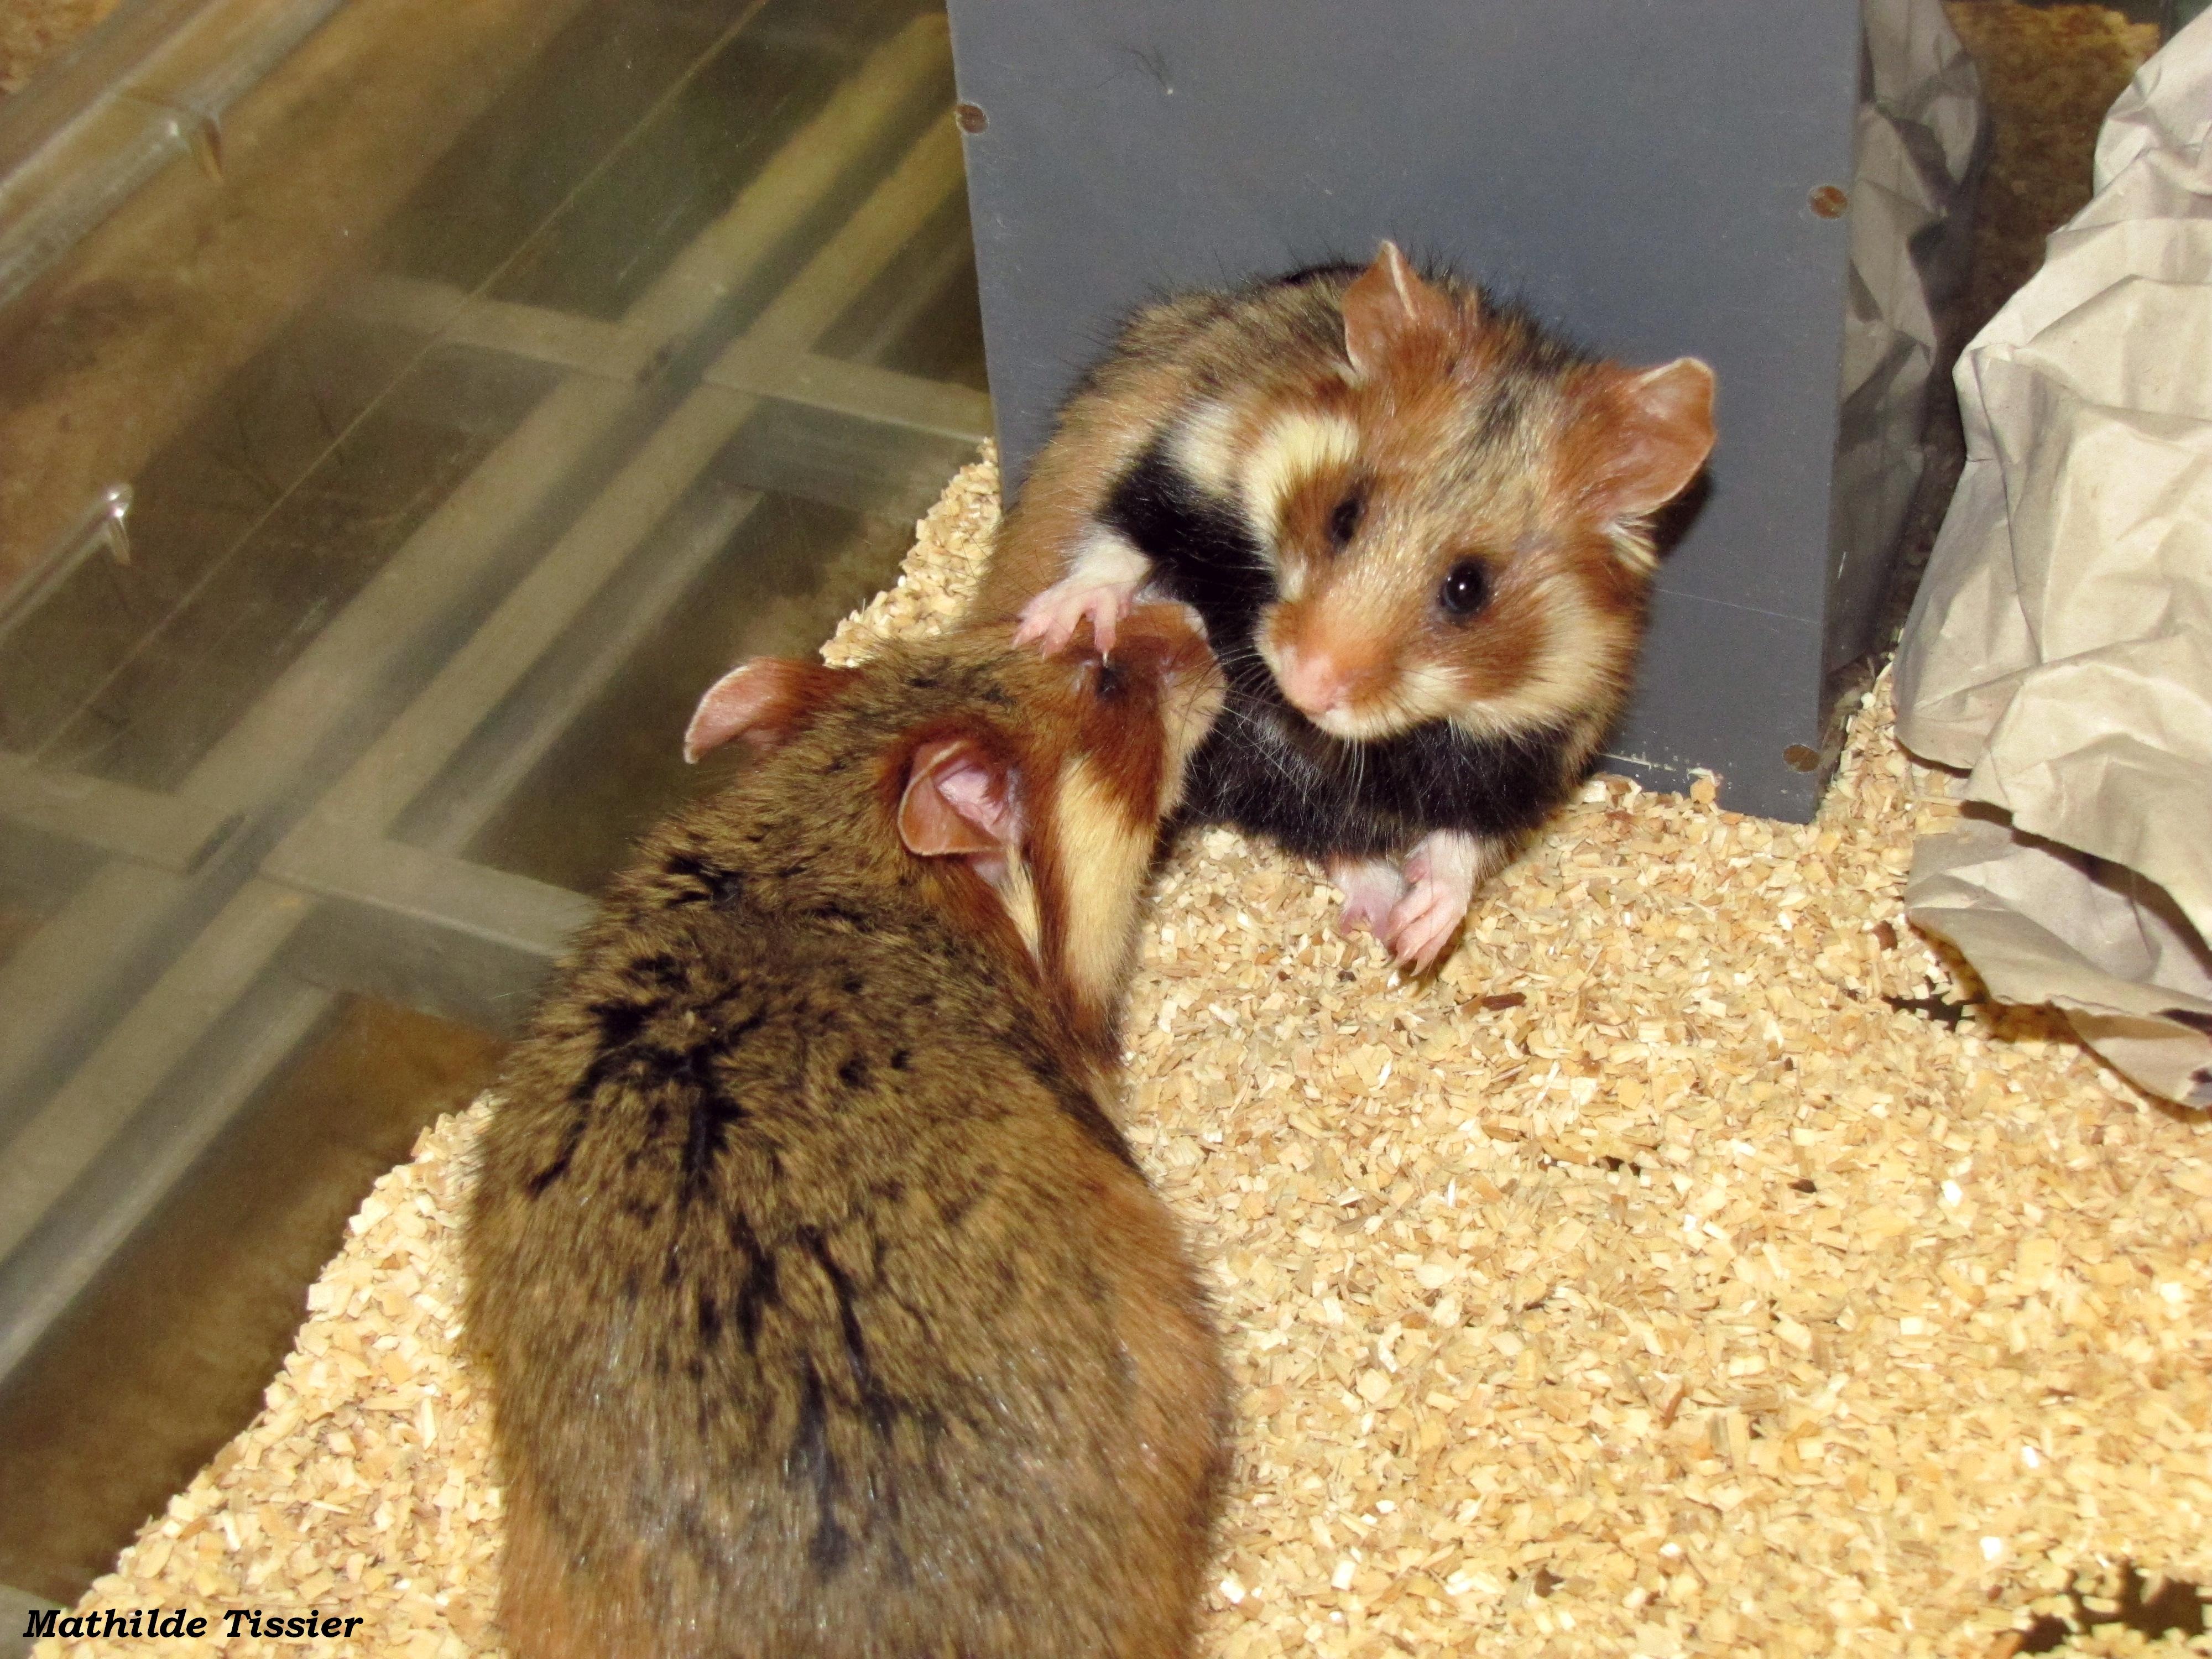 Rencontre entre un mâle et une femelle dans un élevage